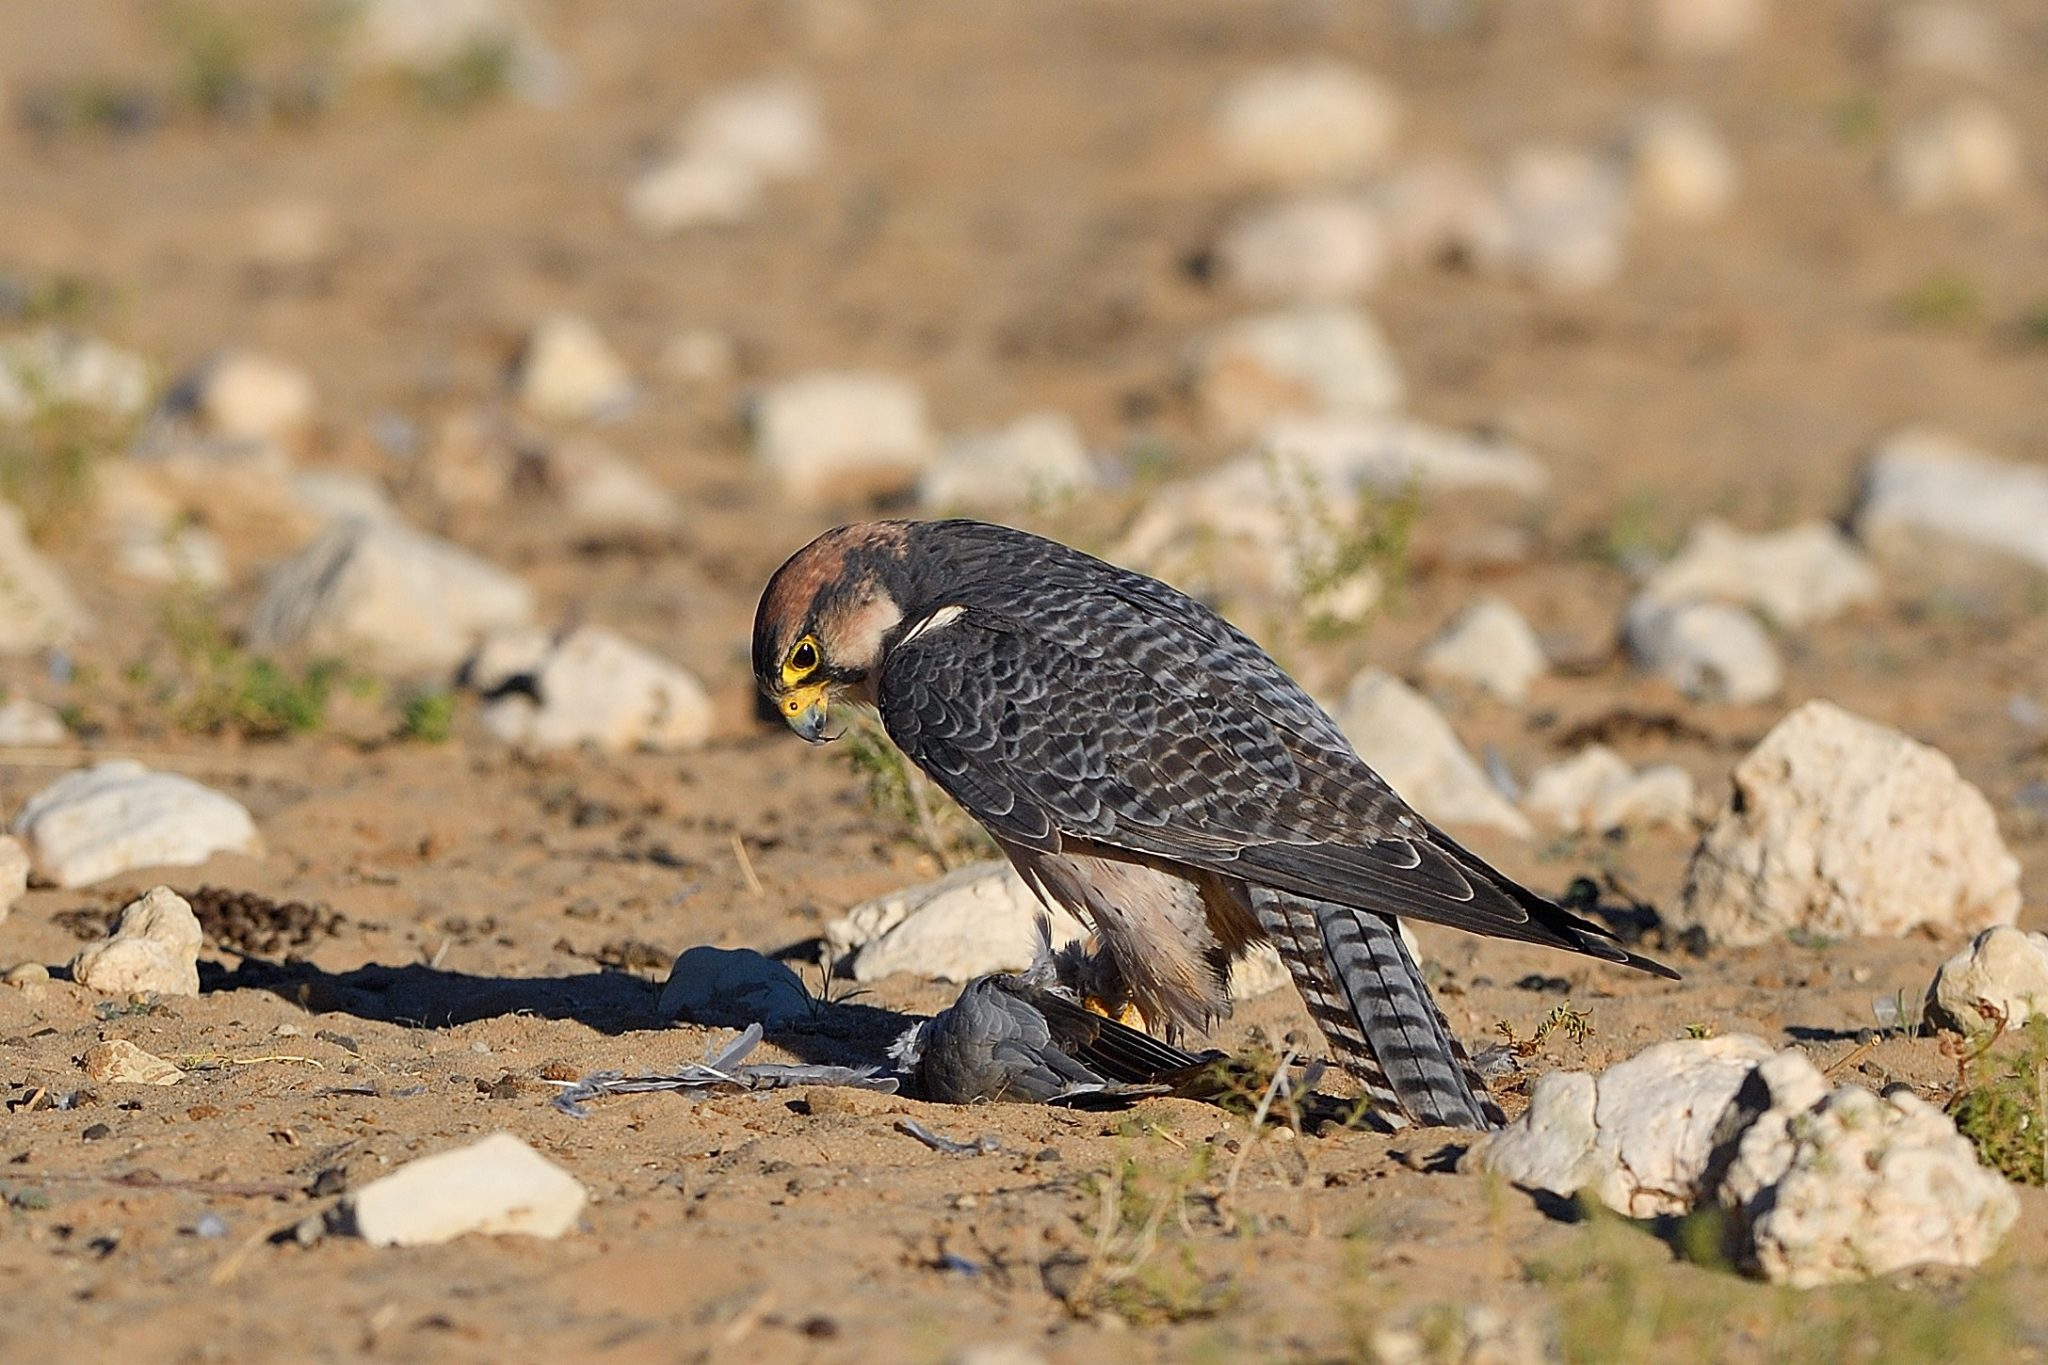 Der Falke muss sich beim Fressen beeilen